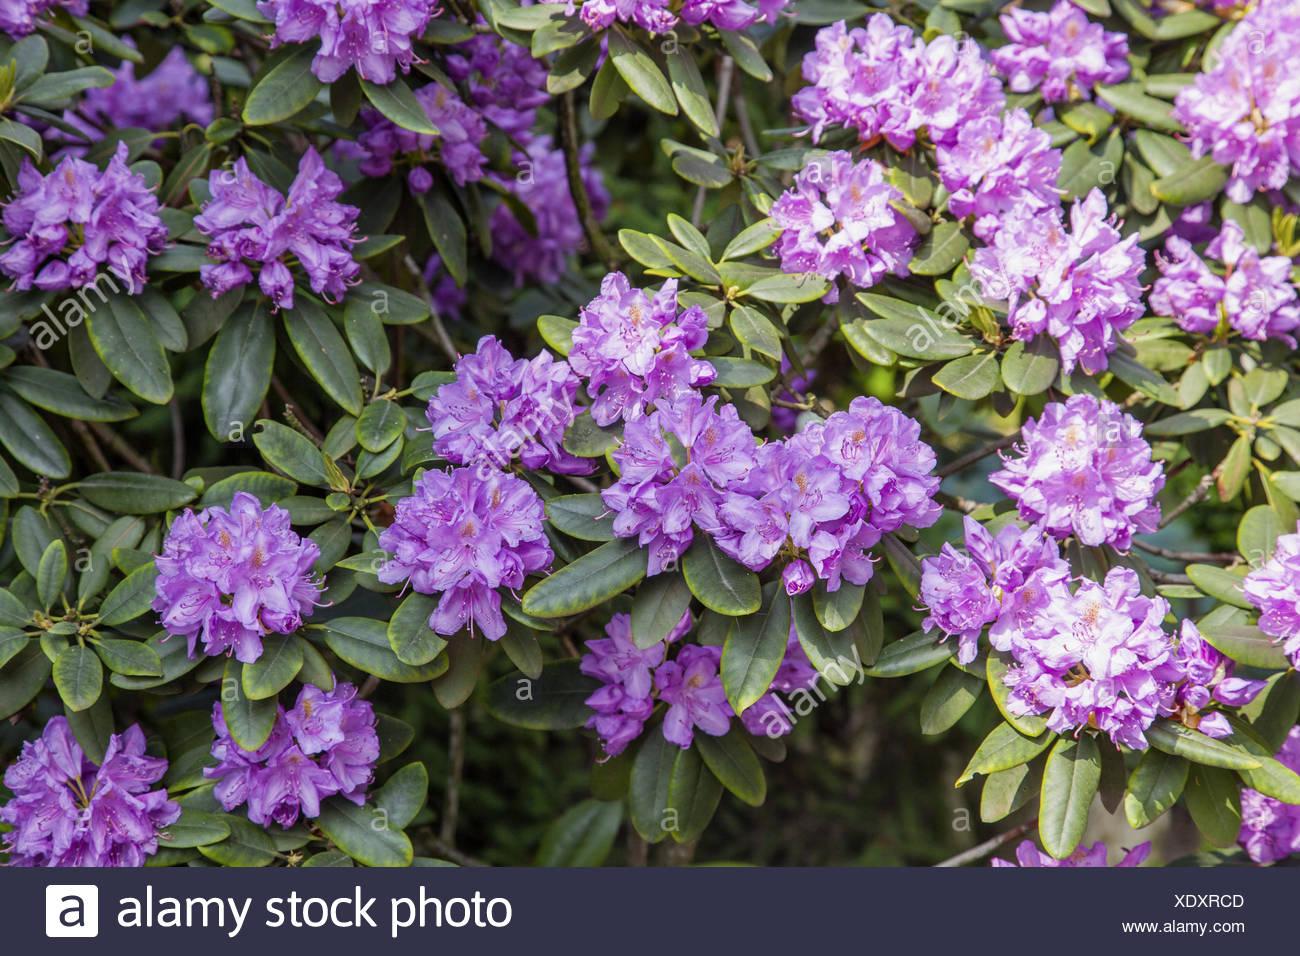 Latifoglie Attraente Arbusto Sempreverde Con Fiori Di Lavanda In Primavera.